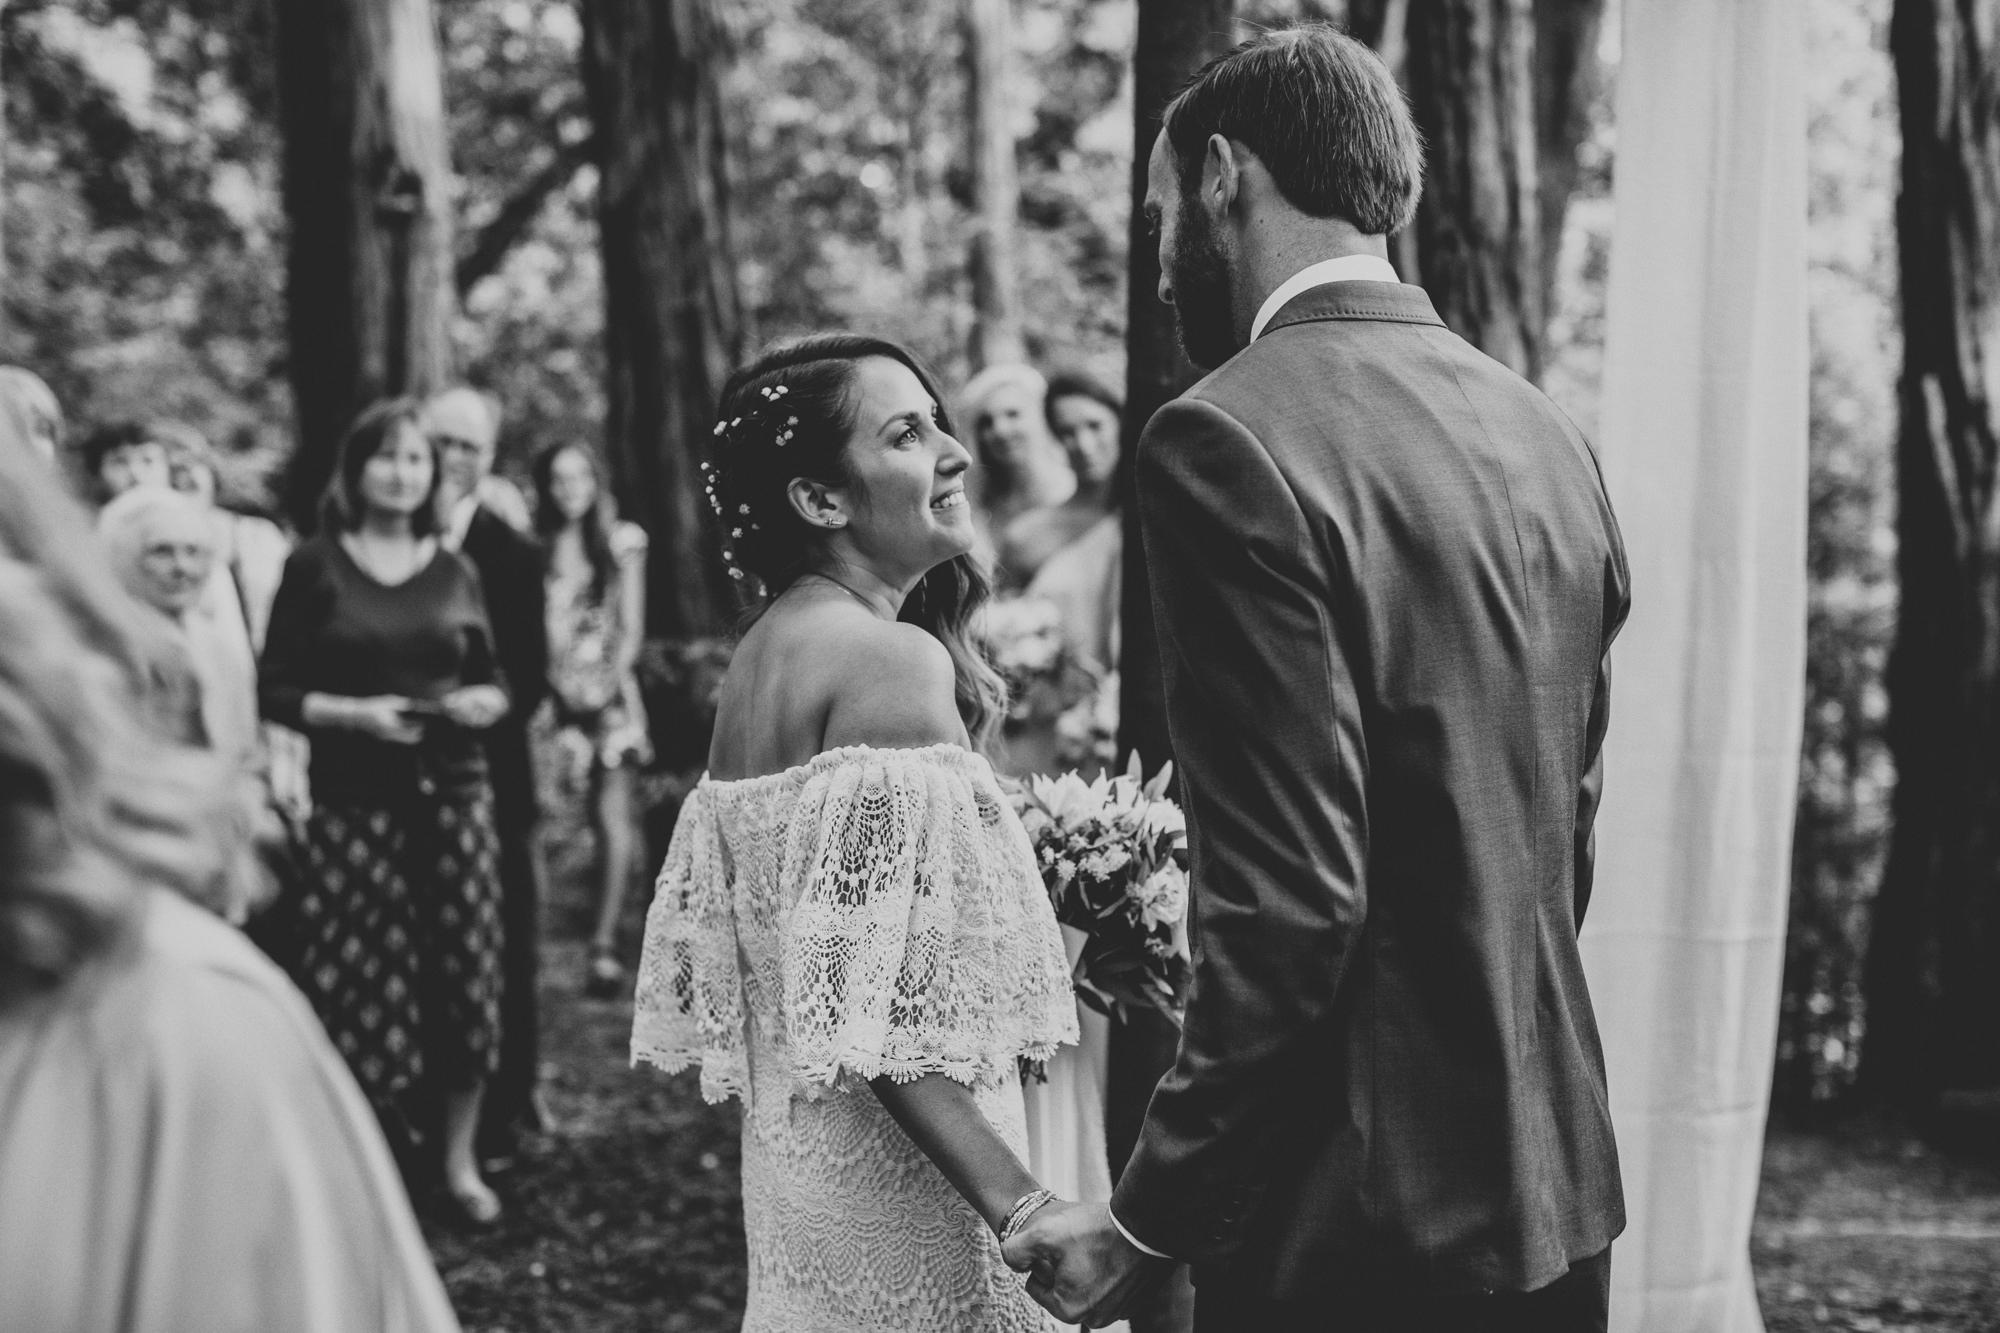 Sequoia Retreat Center Wedding@Anne-Claire Brun 69